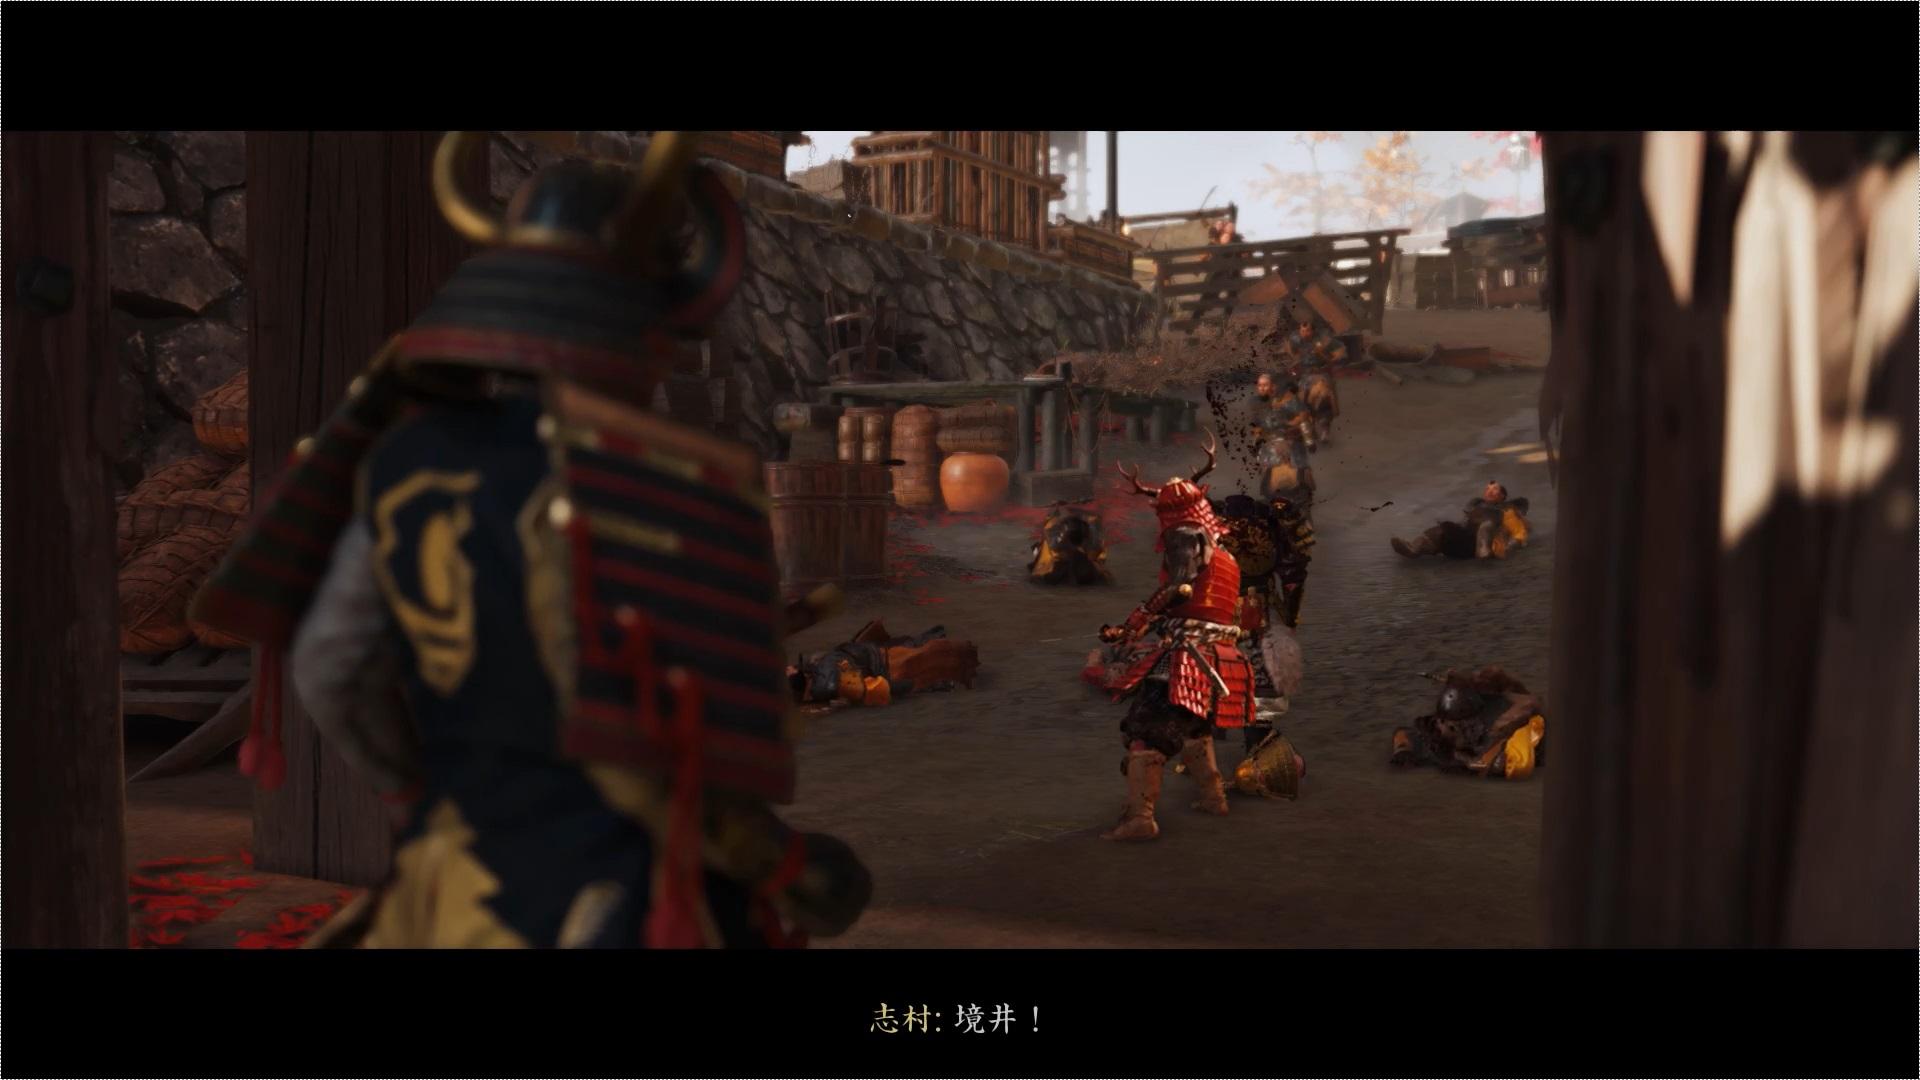 仁は毒を使い蒙古兵を恐怖に陥れる。その姿を見た志村殿は誉れある武士を忘れるなと諭すが・・・